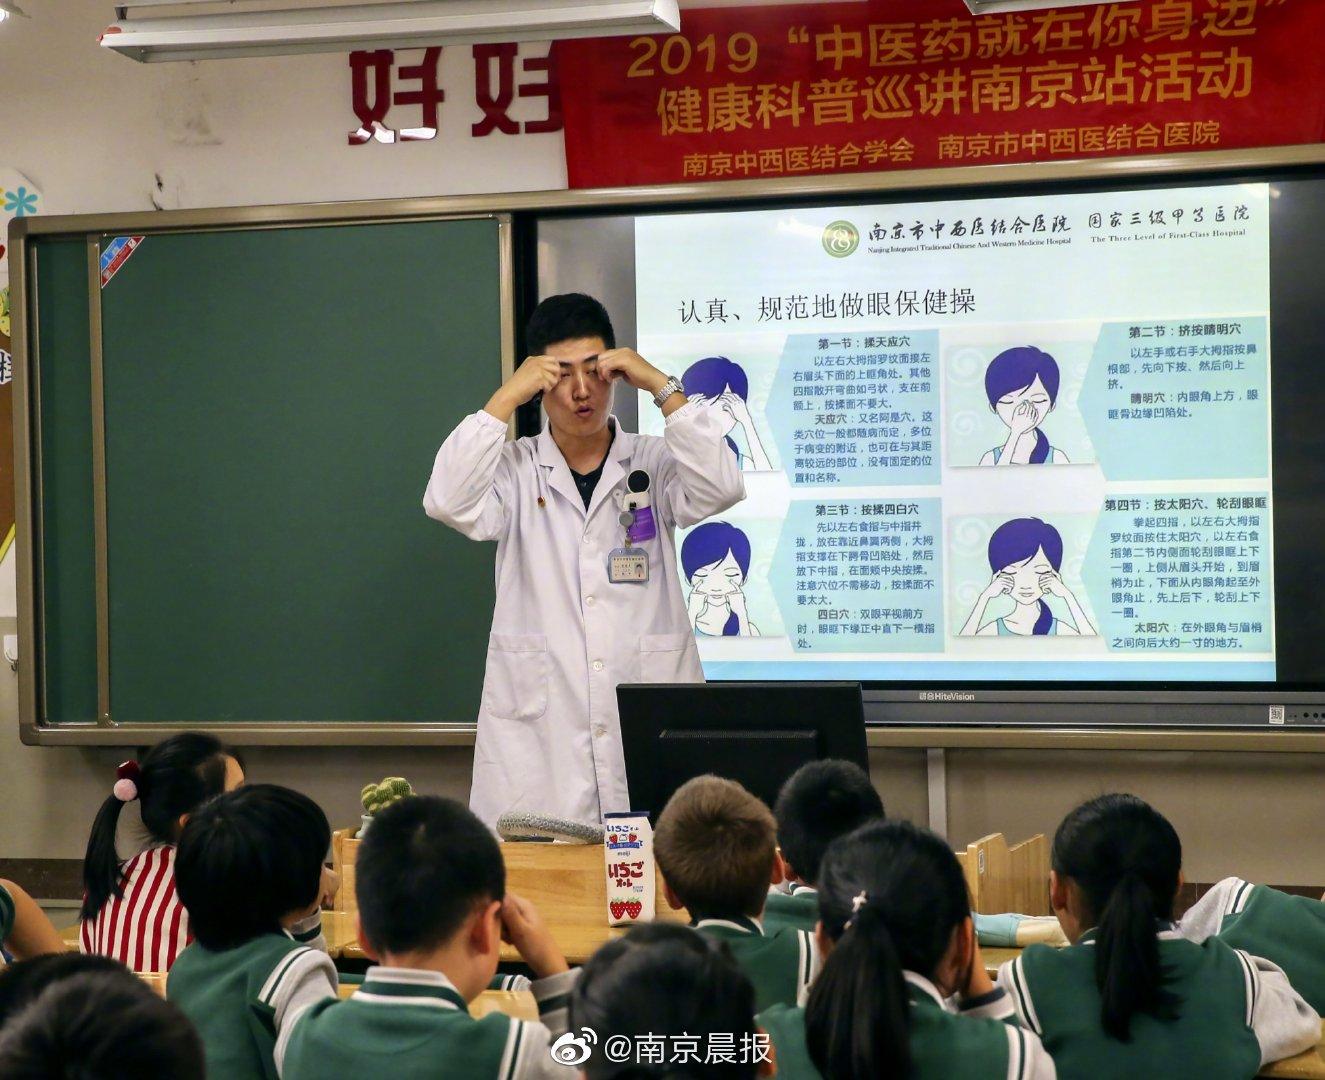 眼科专家进校园宣讲近视防控